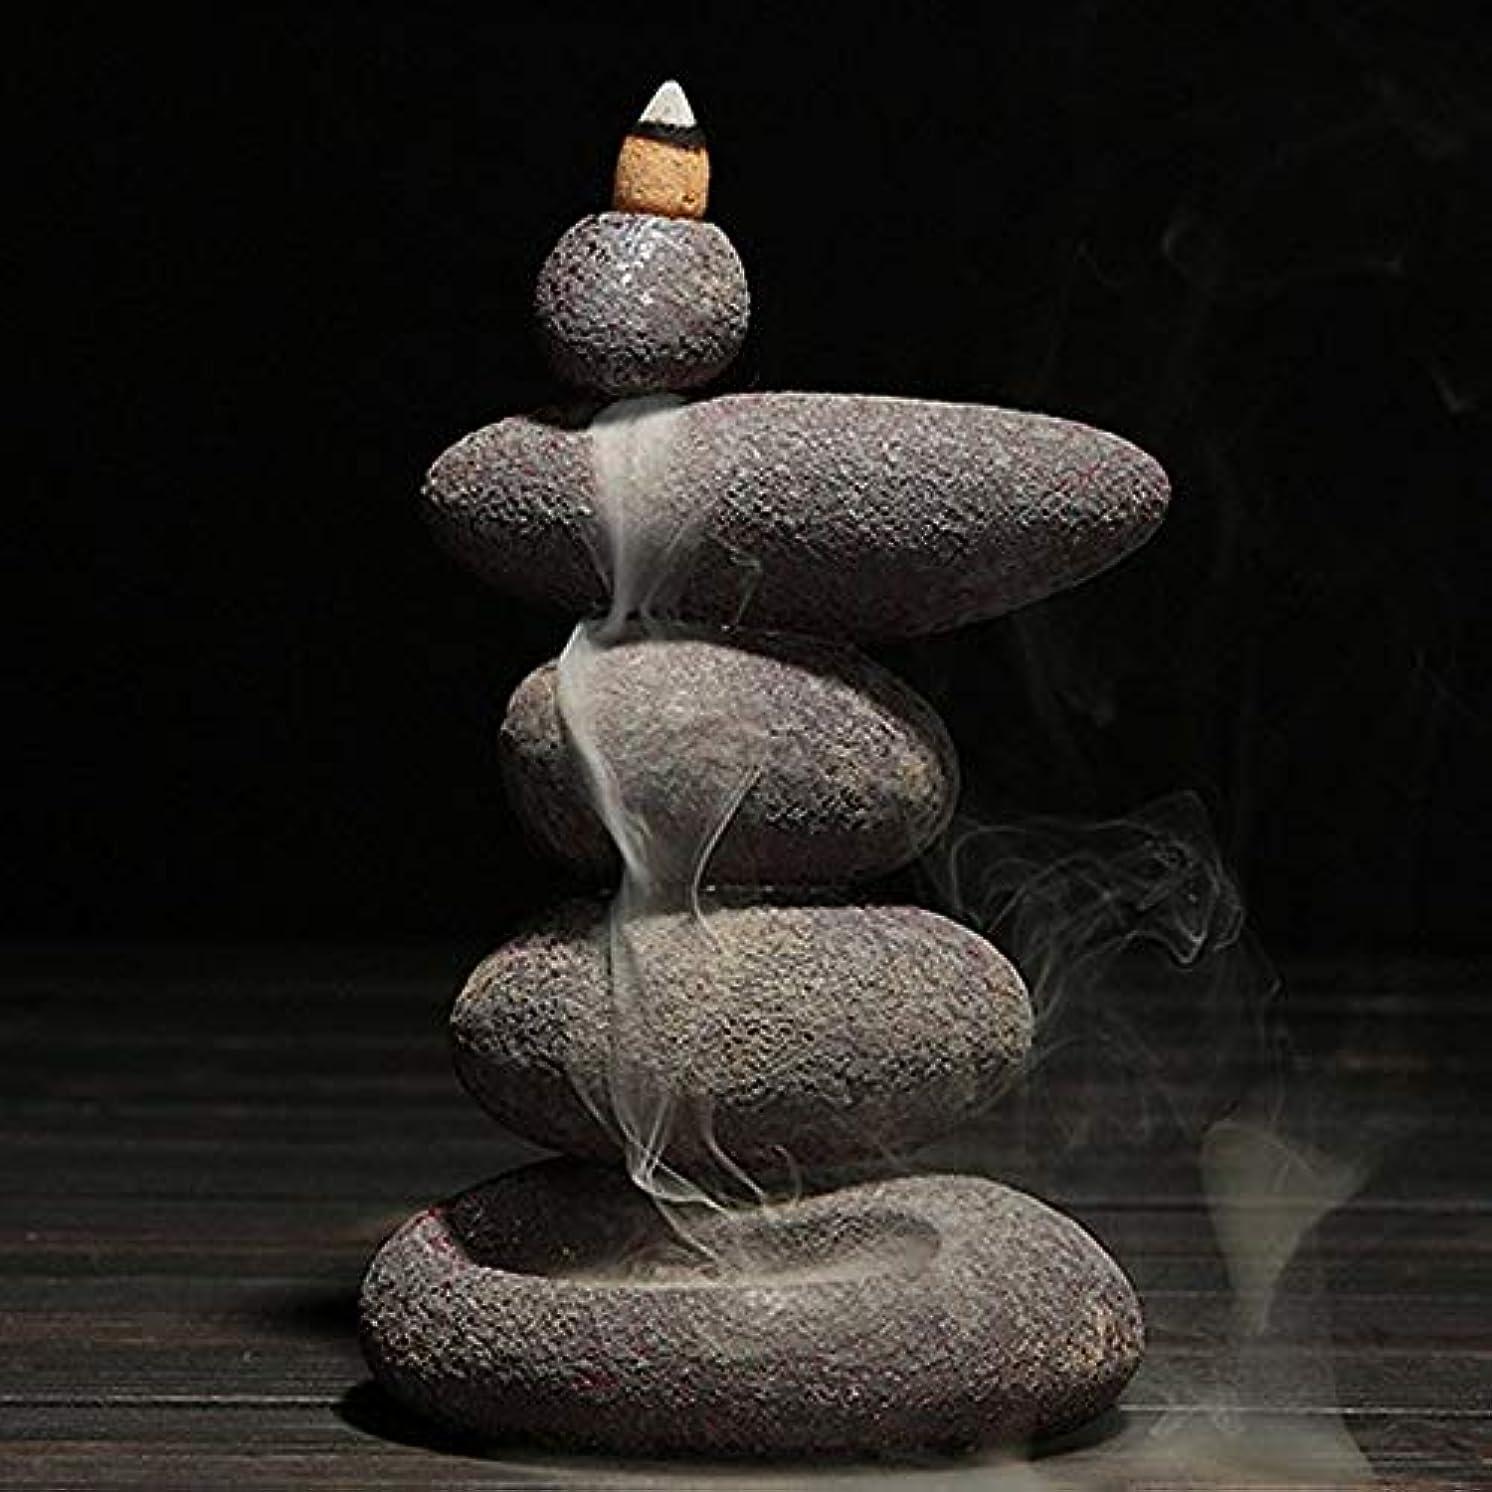 レーニン主義合体救出お香 20個入り セラミック 香炉 逆流香 装飾レトロ 禅 仏教 アロマ リラクゼーション